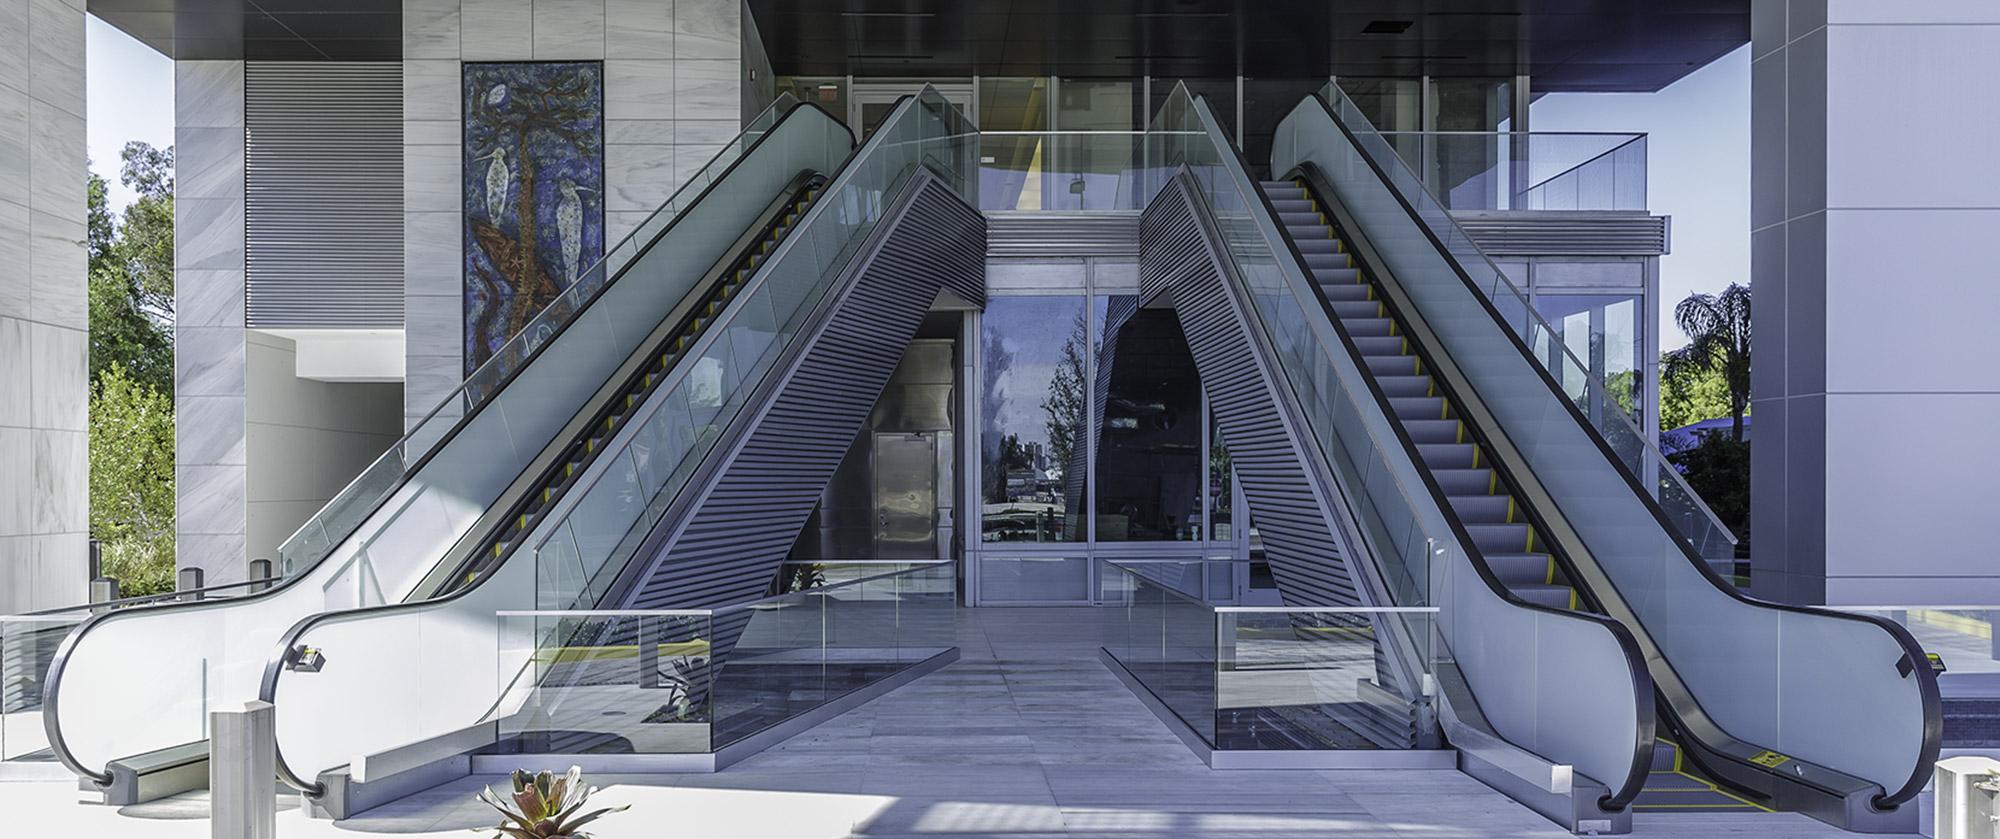 Aventura Optima Plaza - Aventura Wheelchairs